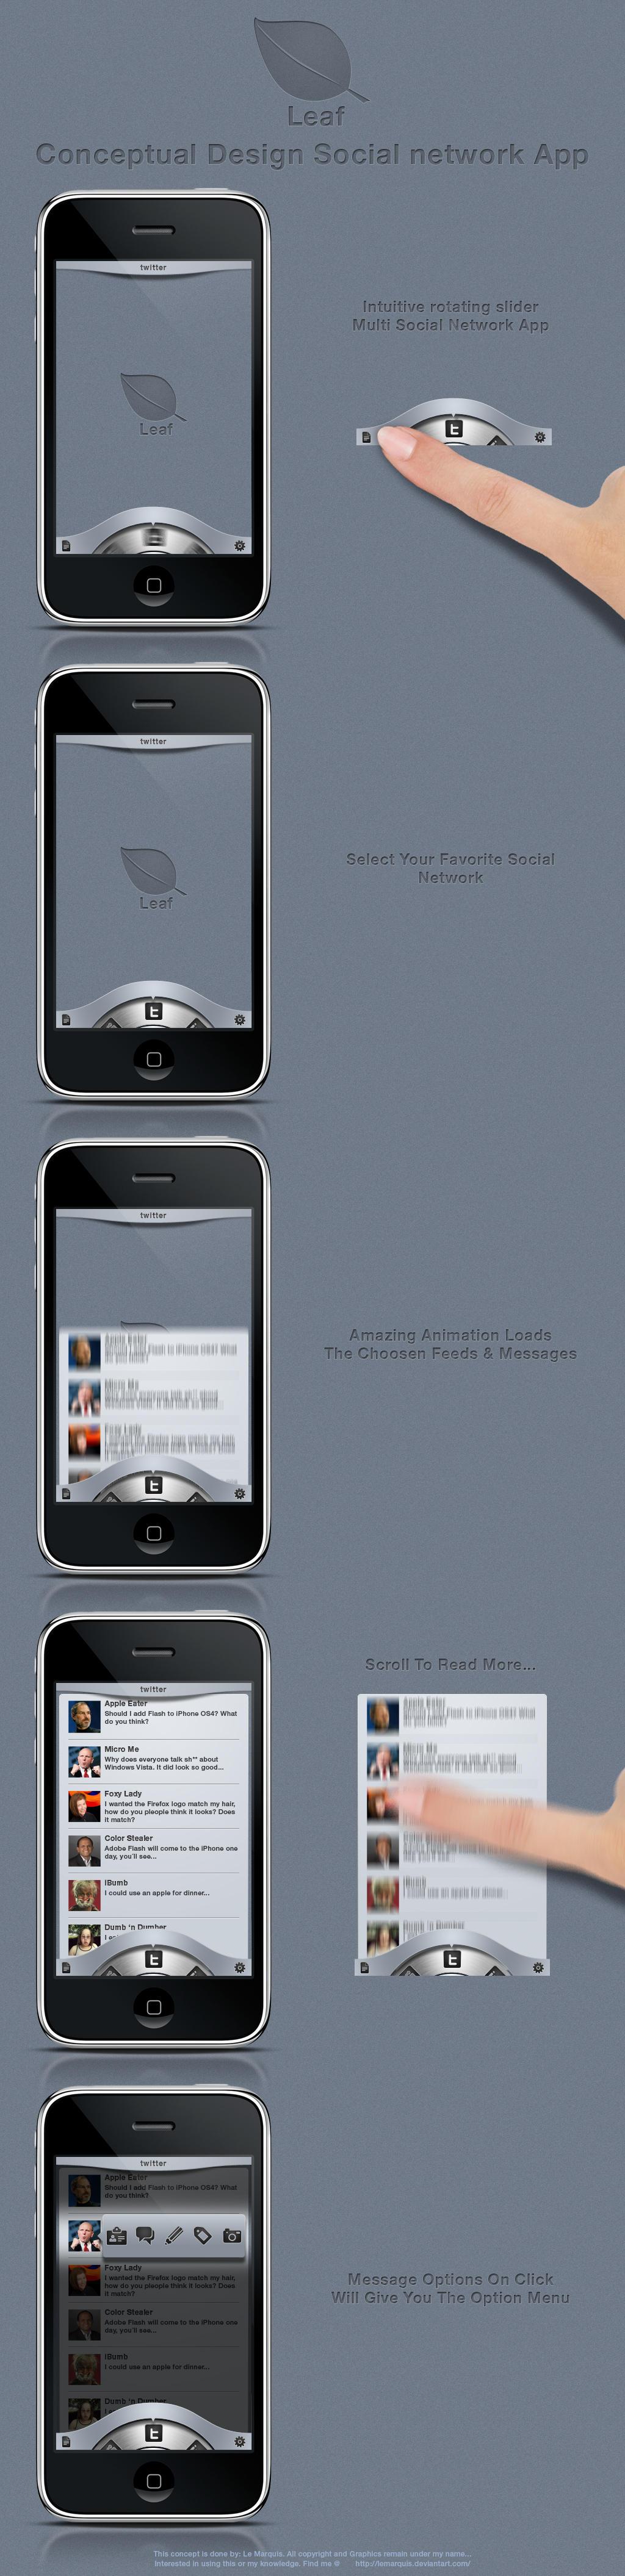 Leaf - Conceptual App Design by LeMarquis